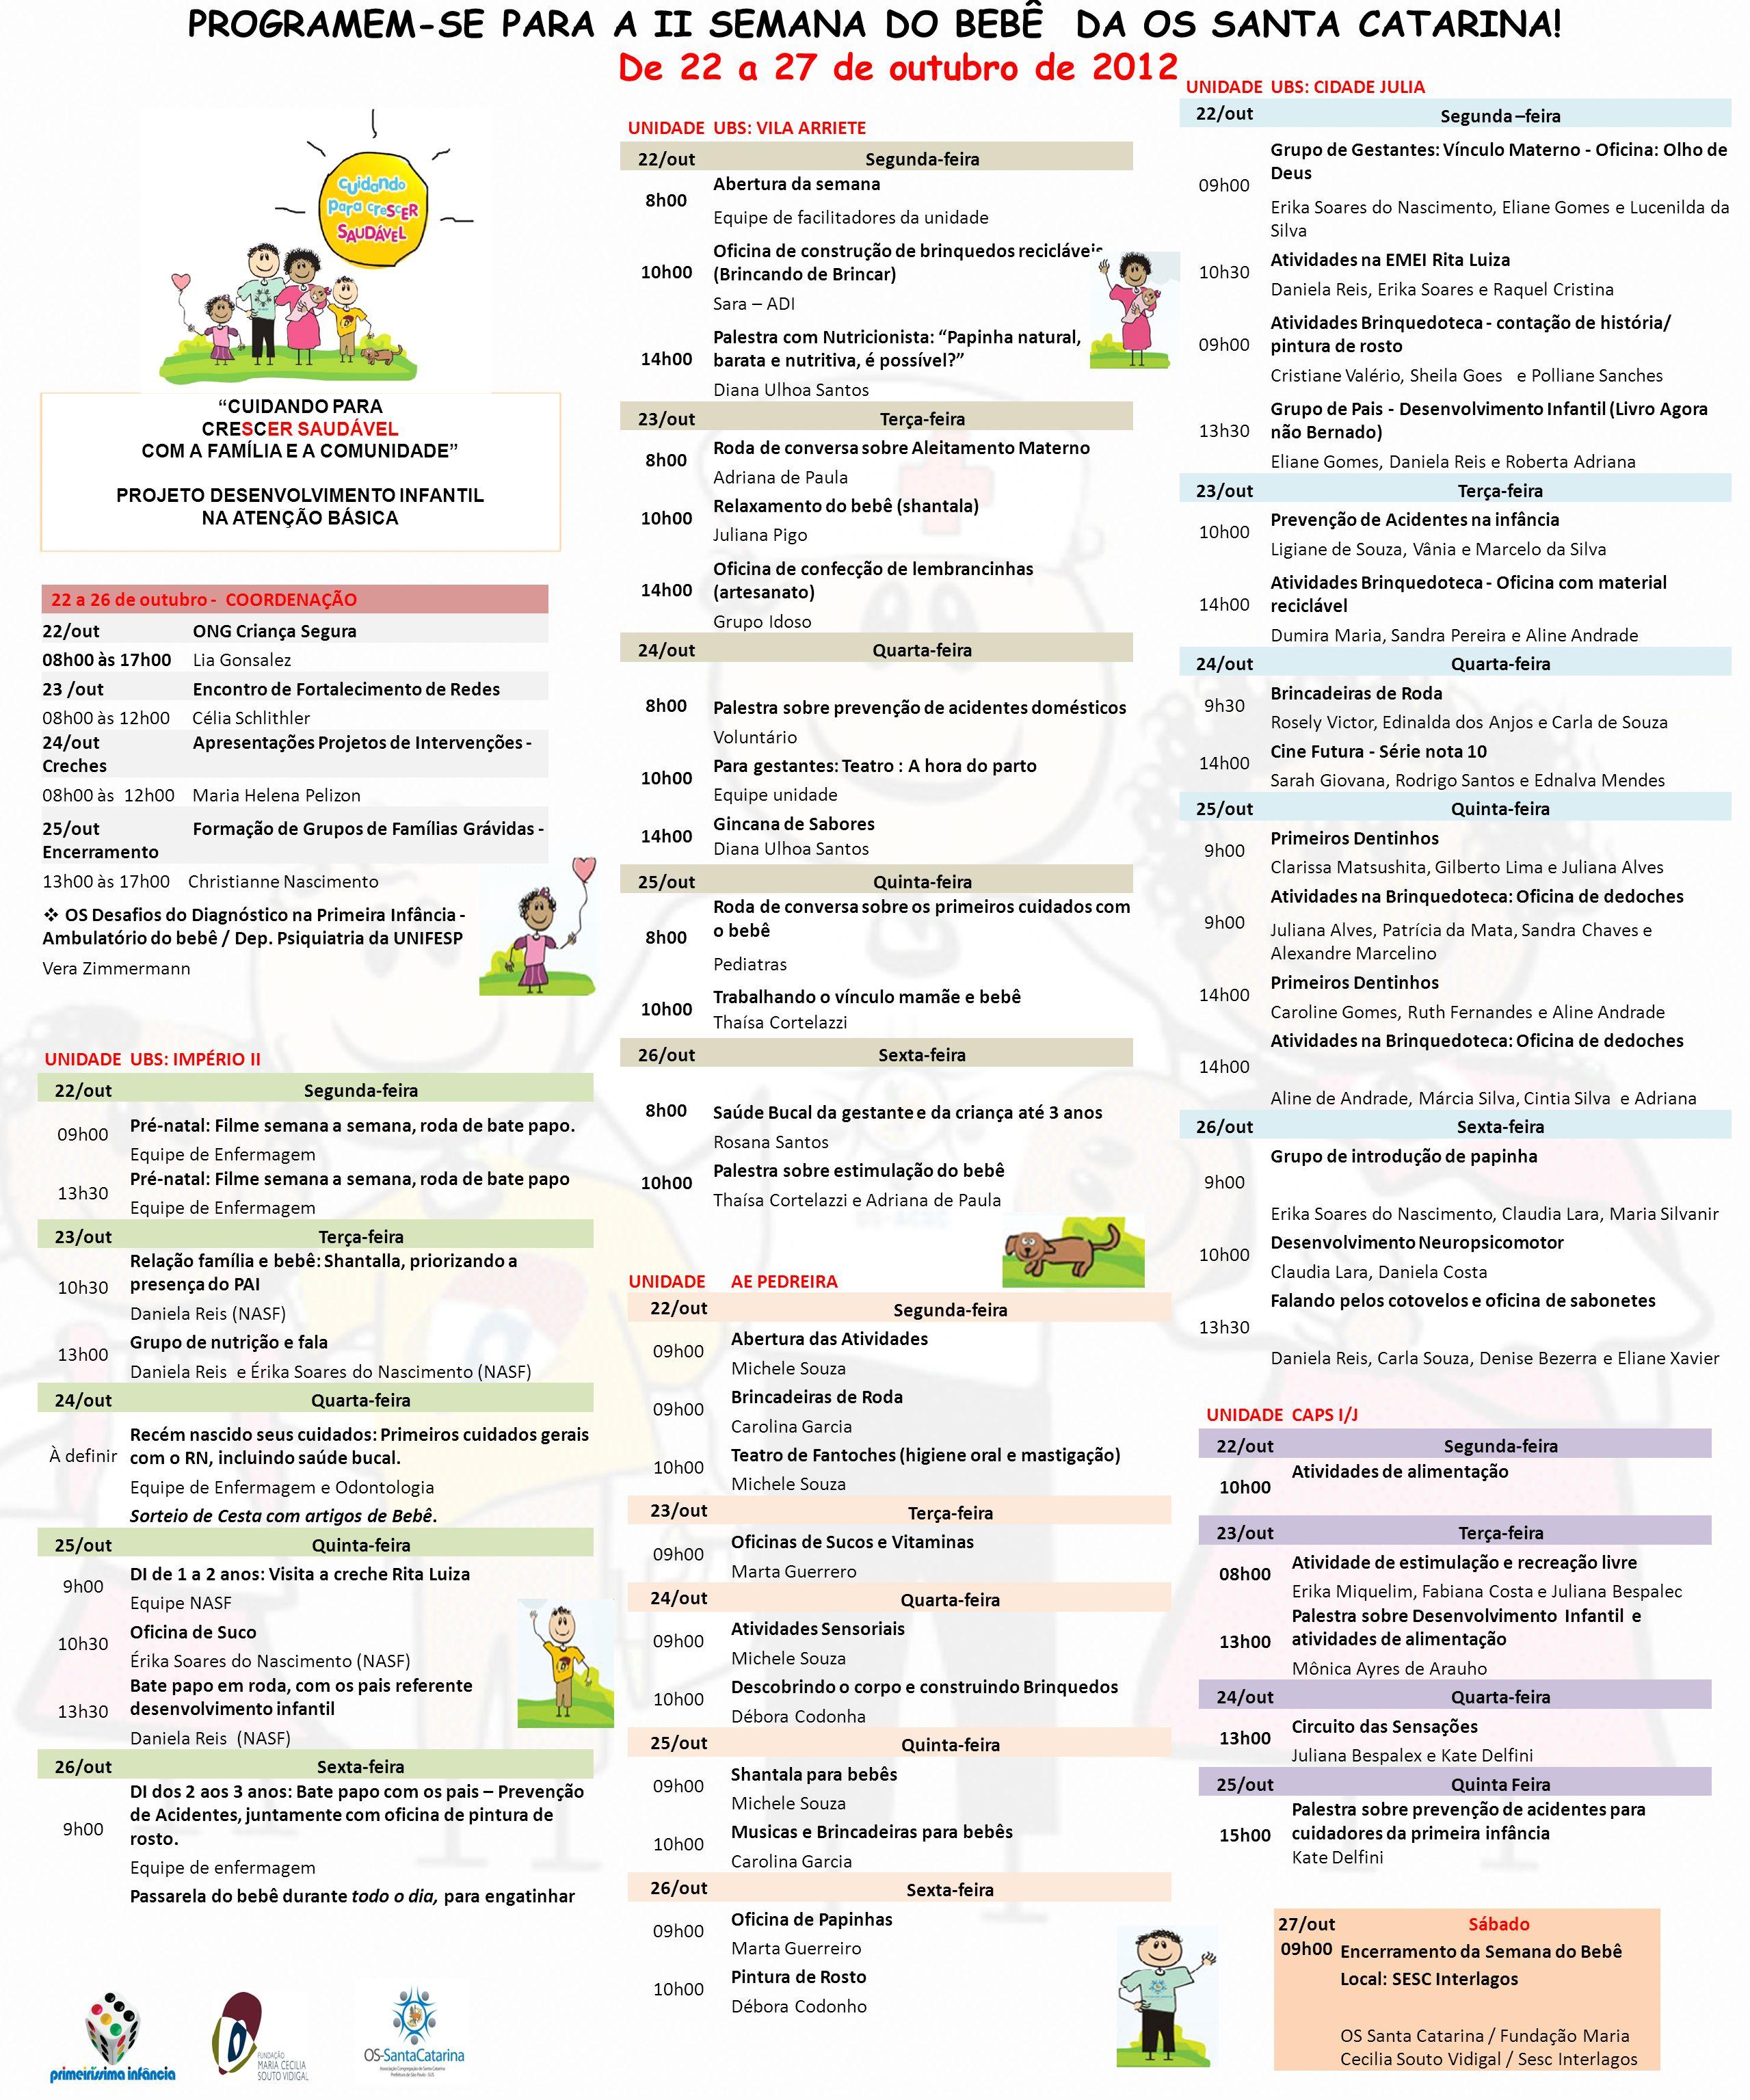 PROGRAMEM-SE PARA A II SEMANA DO BEBÊ DA OS SANTA CATARINA! De 22 a 27 de outubro de 2012 CUIDANDO PARA CRESCER SAUDÁVEL COM A FAMÍLIA E A COMUNIDADE